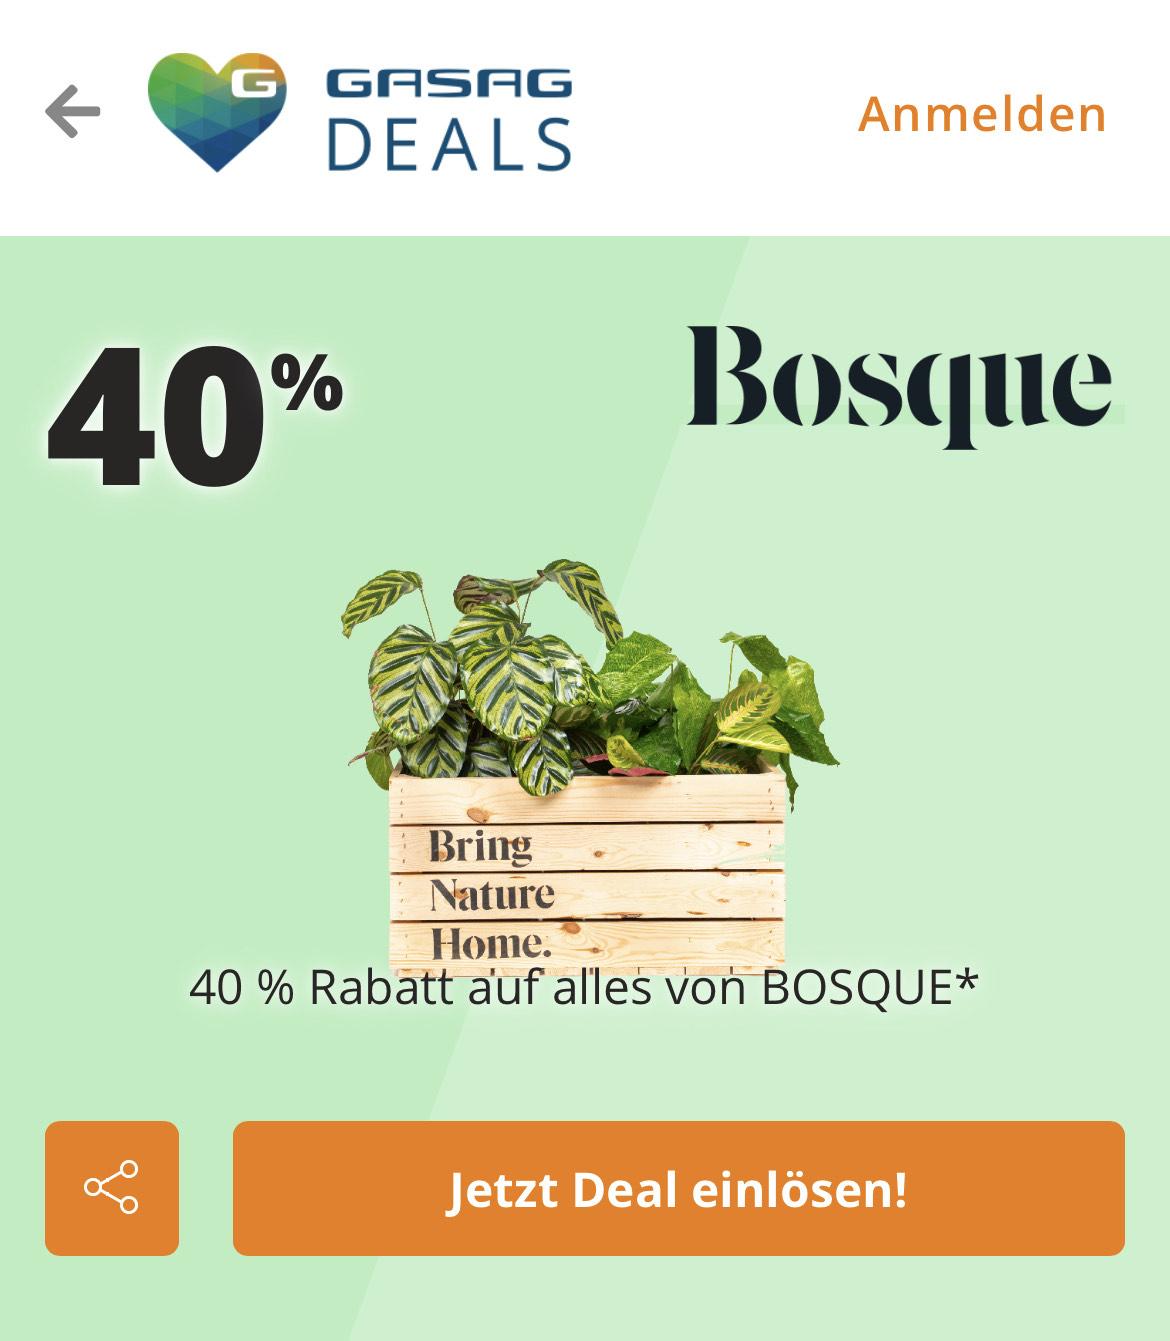 [Lokal Berlin   Hamburg] 40% Rabatt auf Bosque Pflanzen über GASAG Newsletter